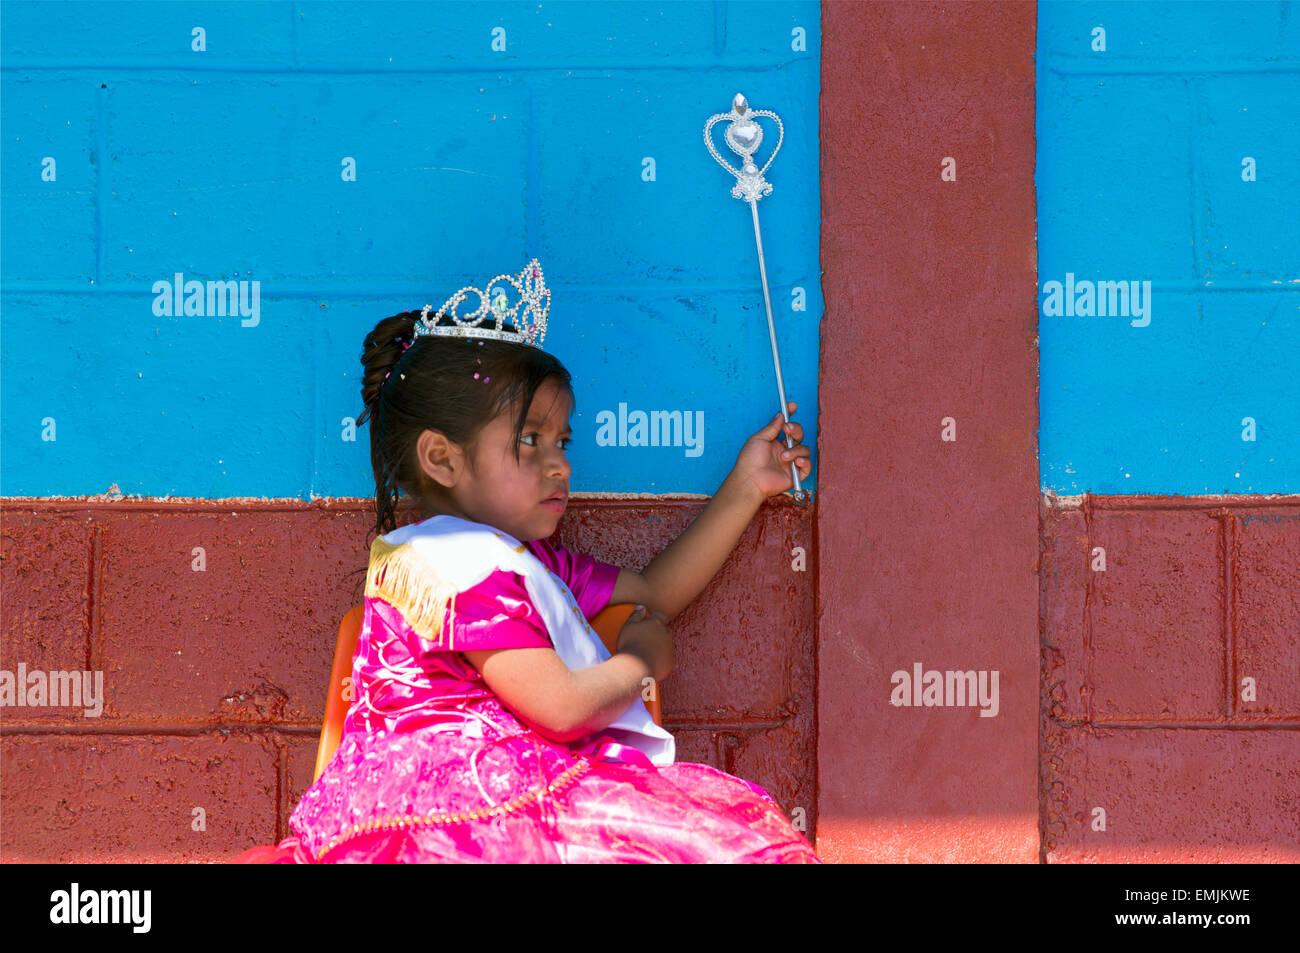 Guatemala, Jalapa, giovane ragazza vestita per Carnevale come una principessa Immagini Stock